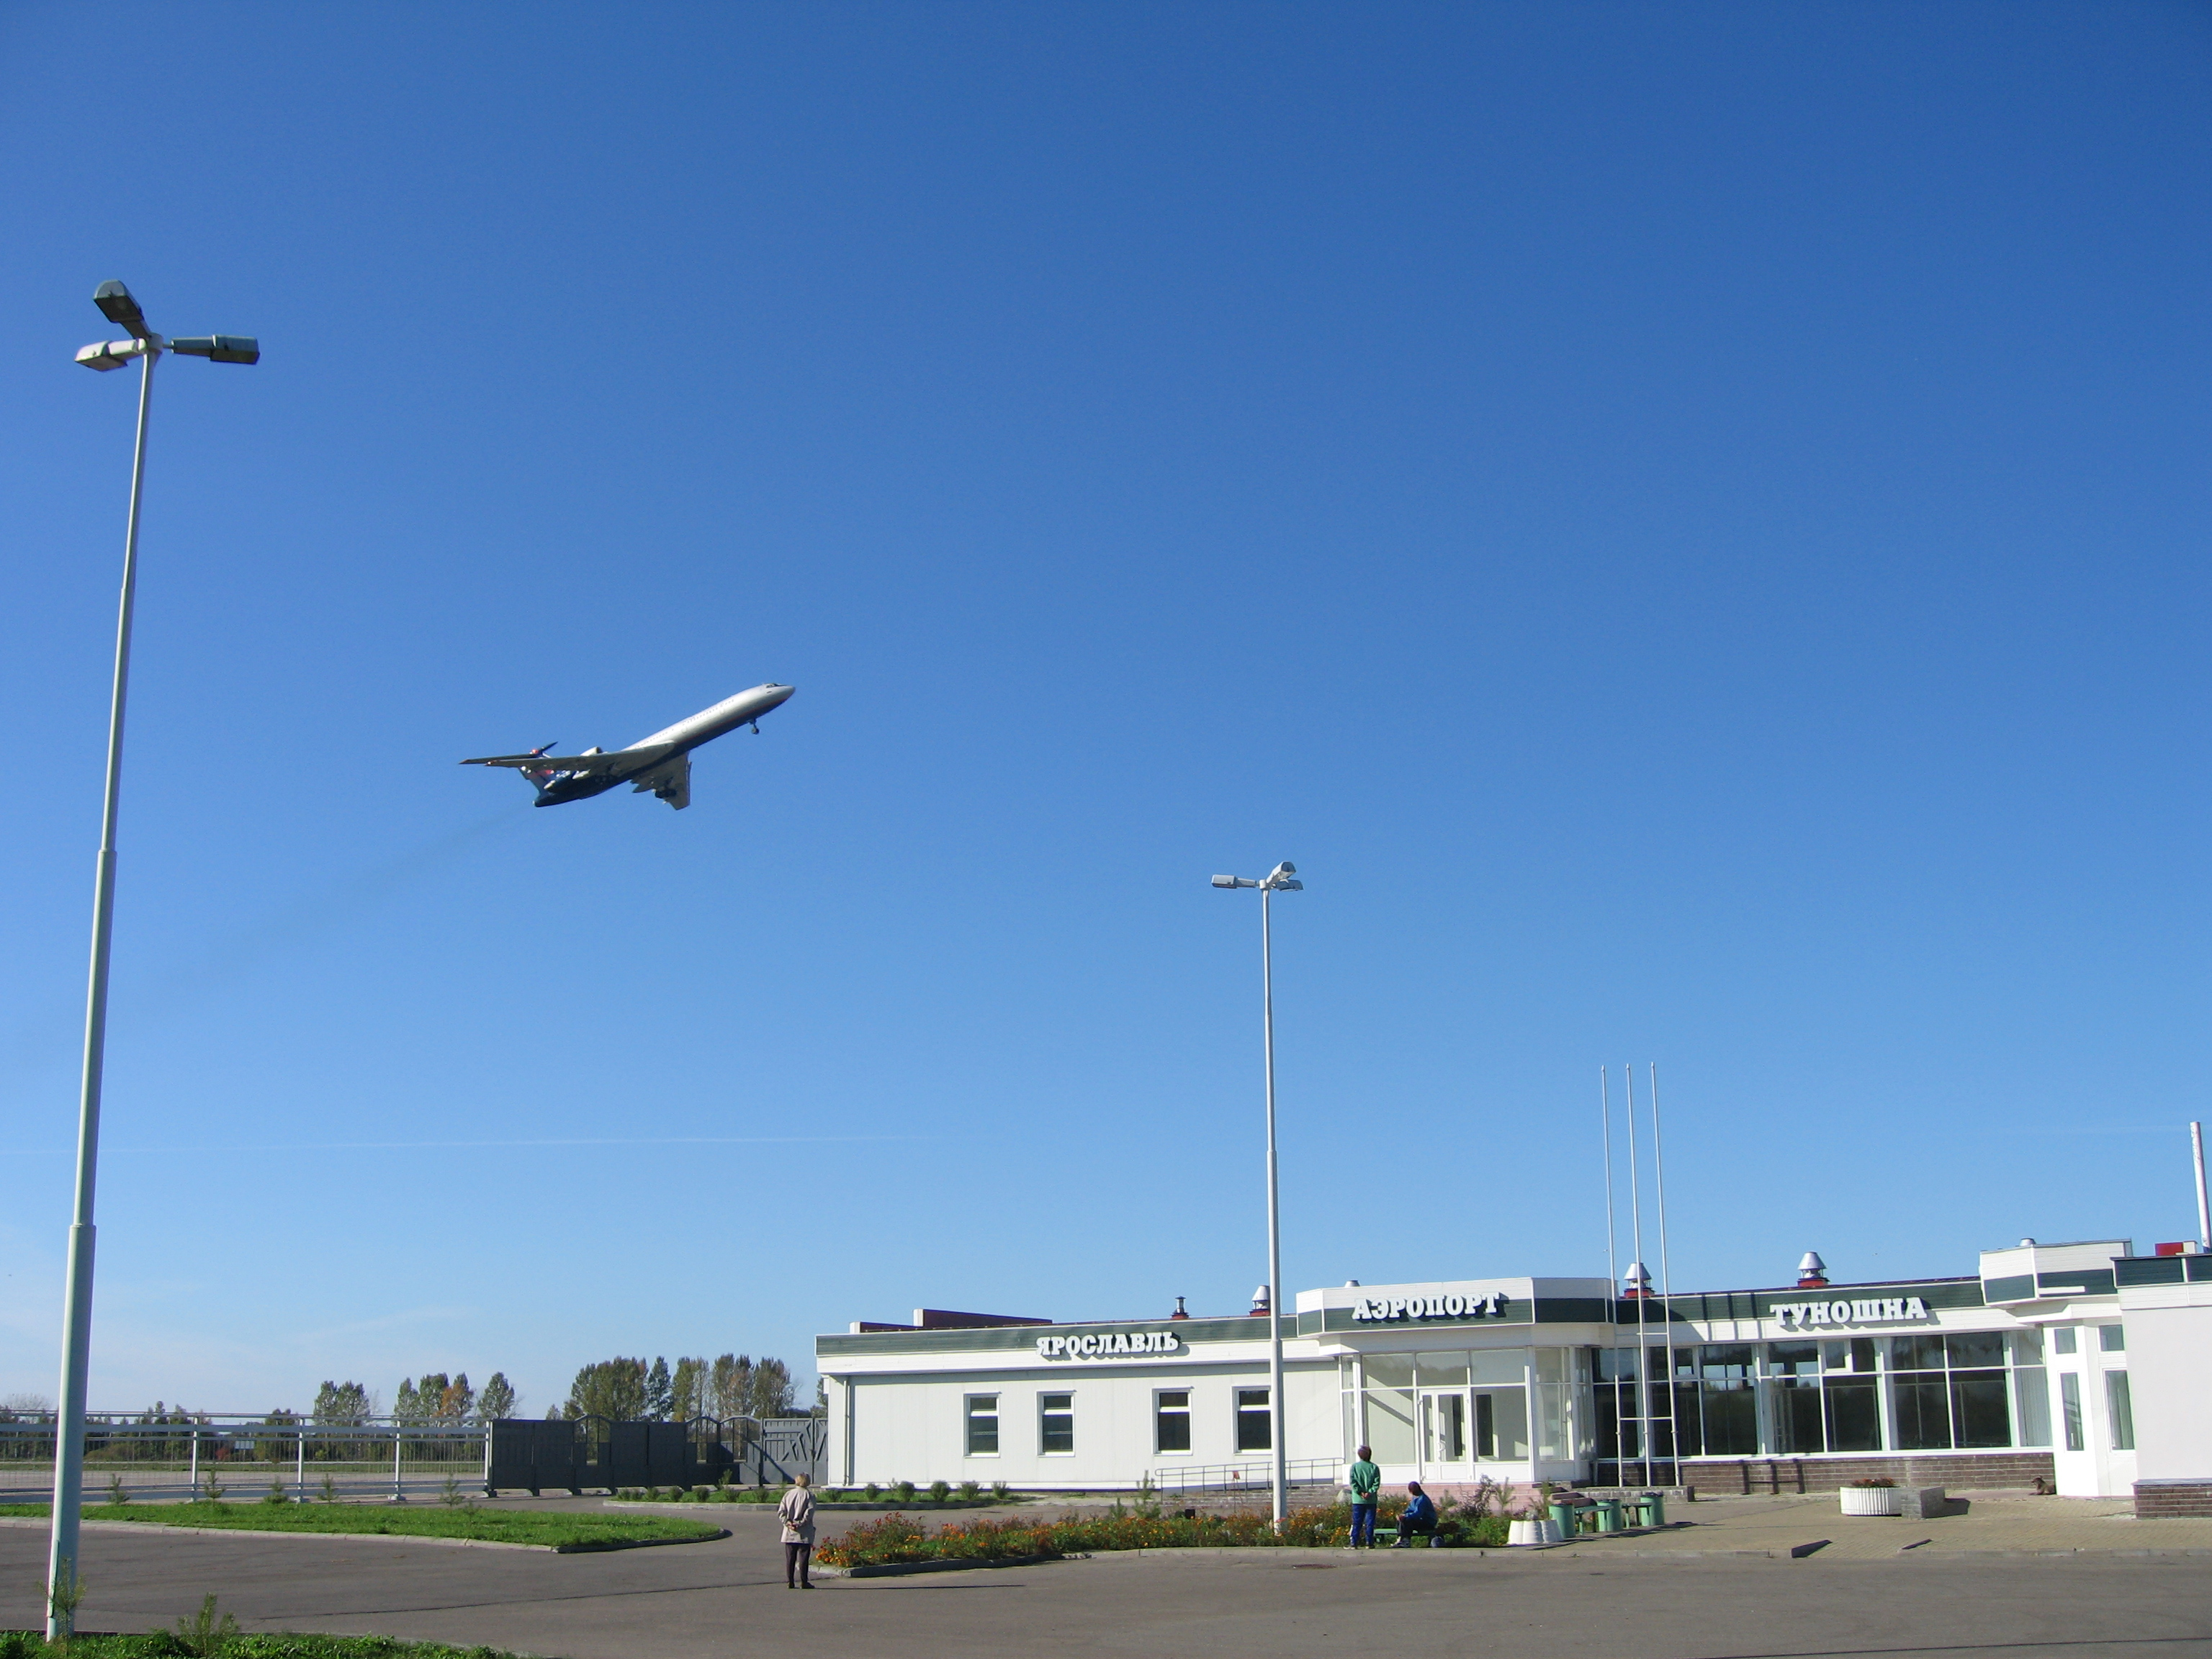 Аэропорт Туношна получит более трех миллиардов рублей на реконструкцию